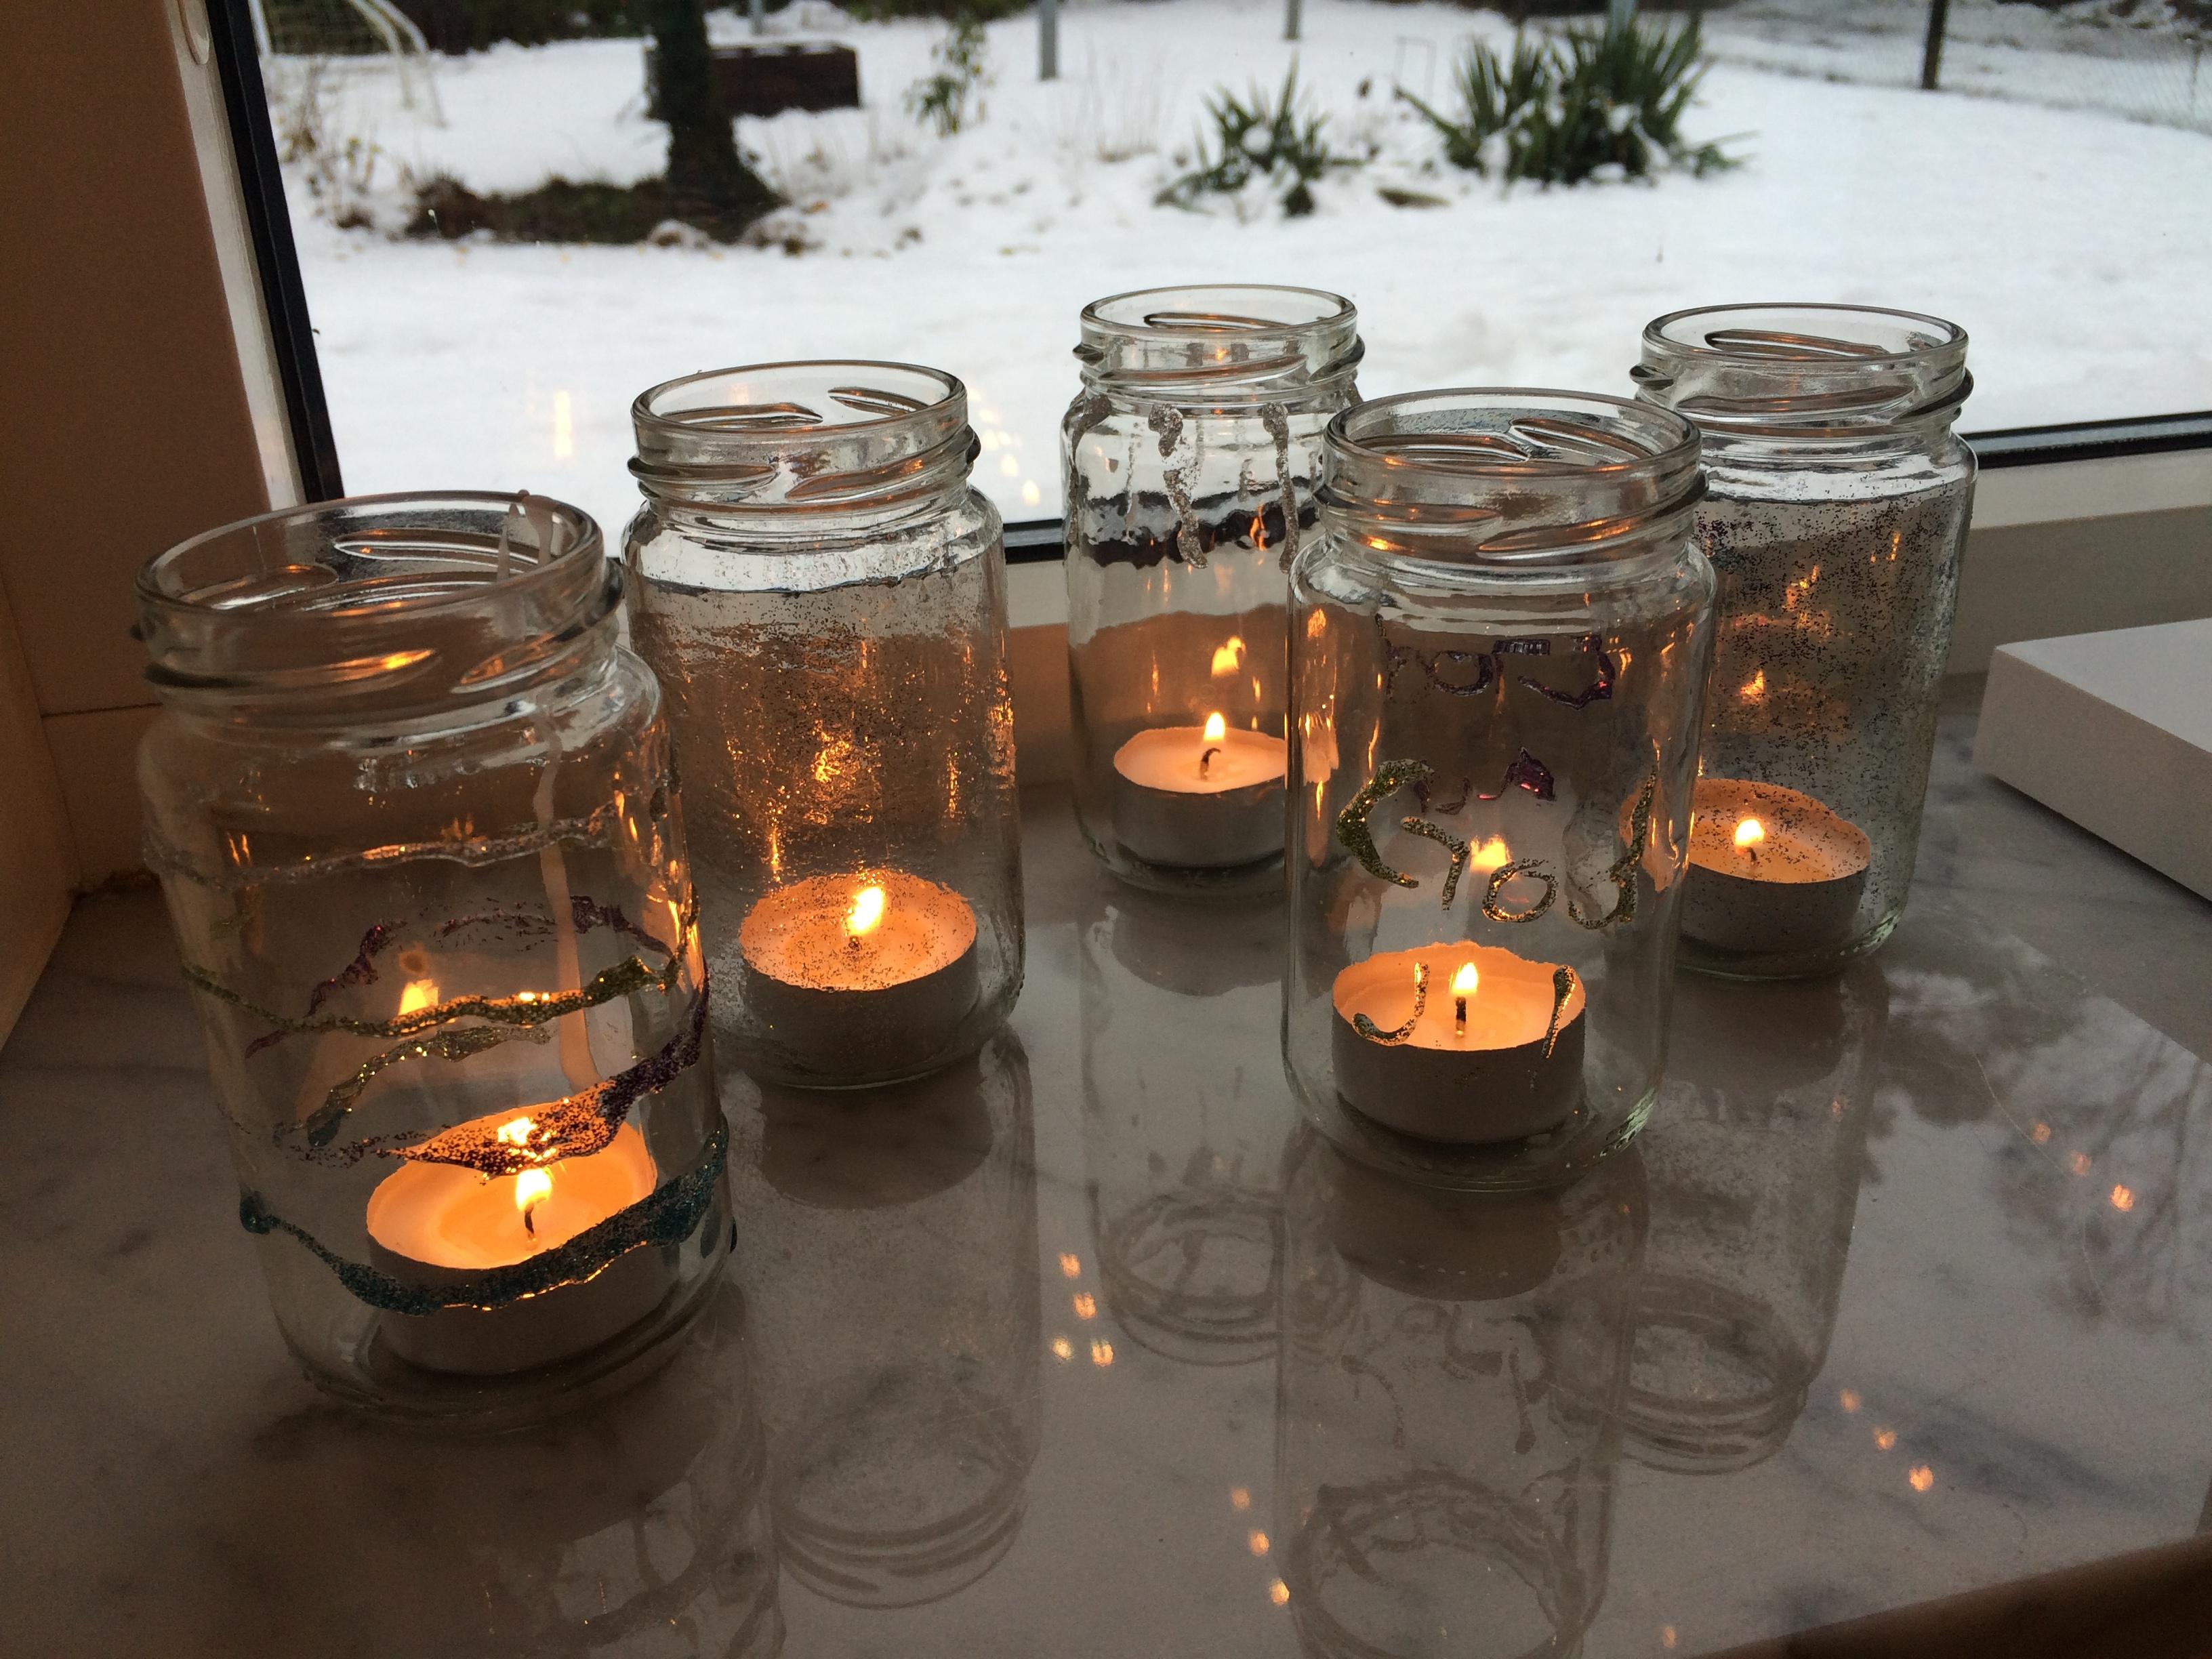 Berömda Smygstartat julen i helgen! | Rensa Ut WL-09